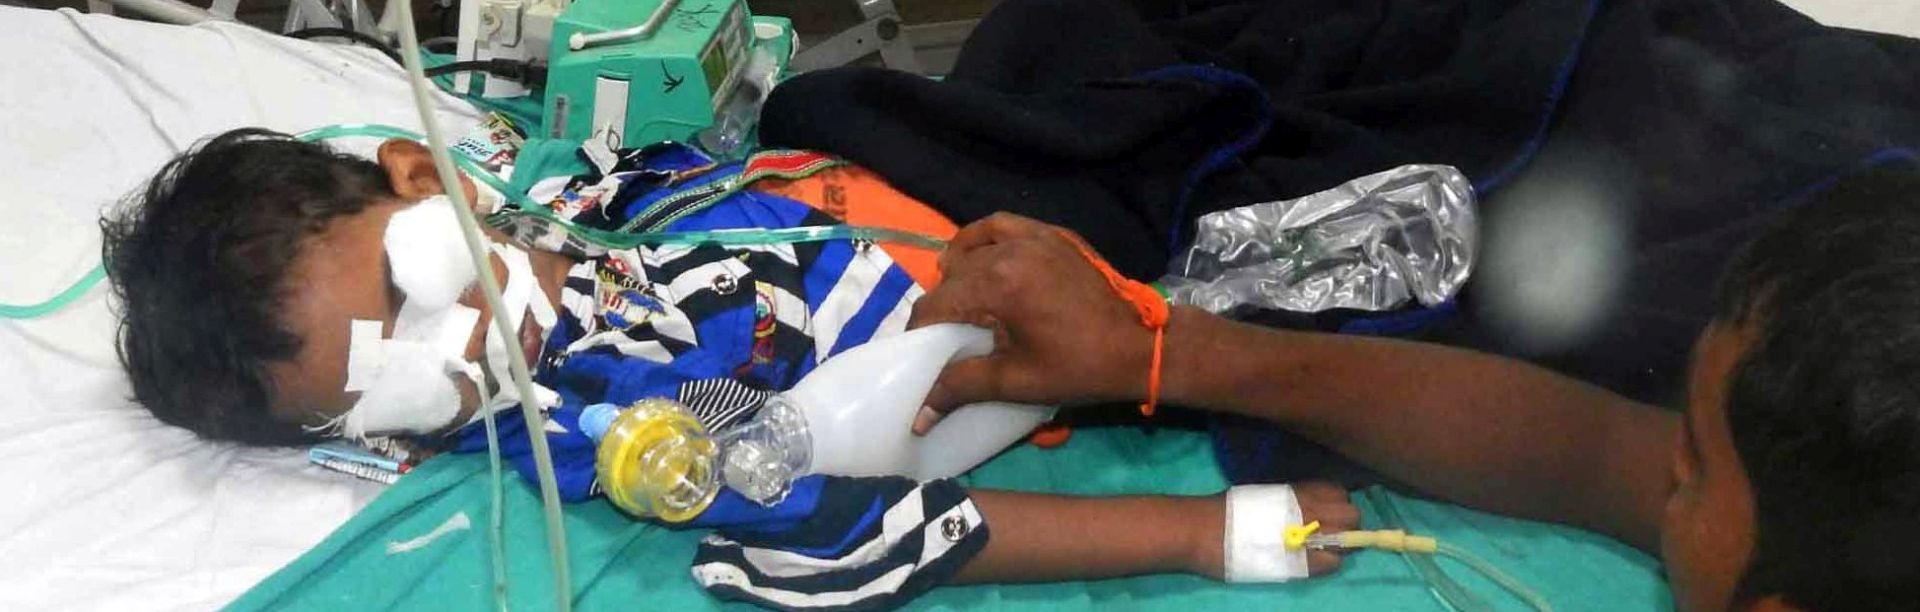 FATALNI ENCEFALITIS U indijskoj bolnici umrlo 60 djece zbog manjka kisika